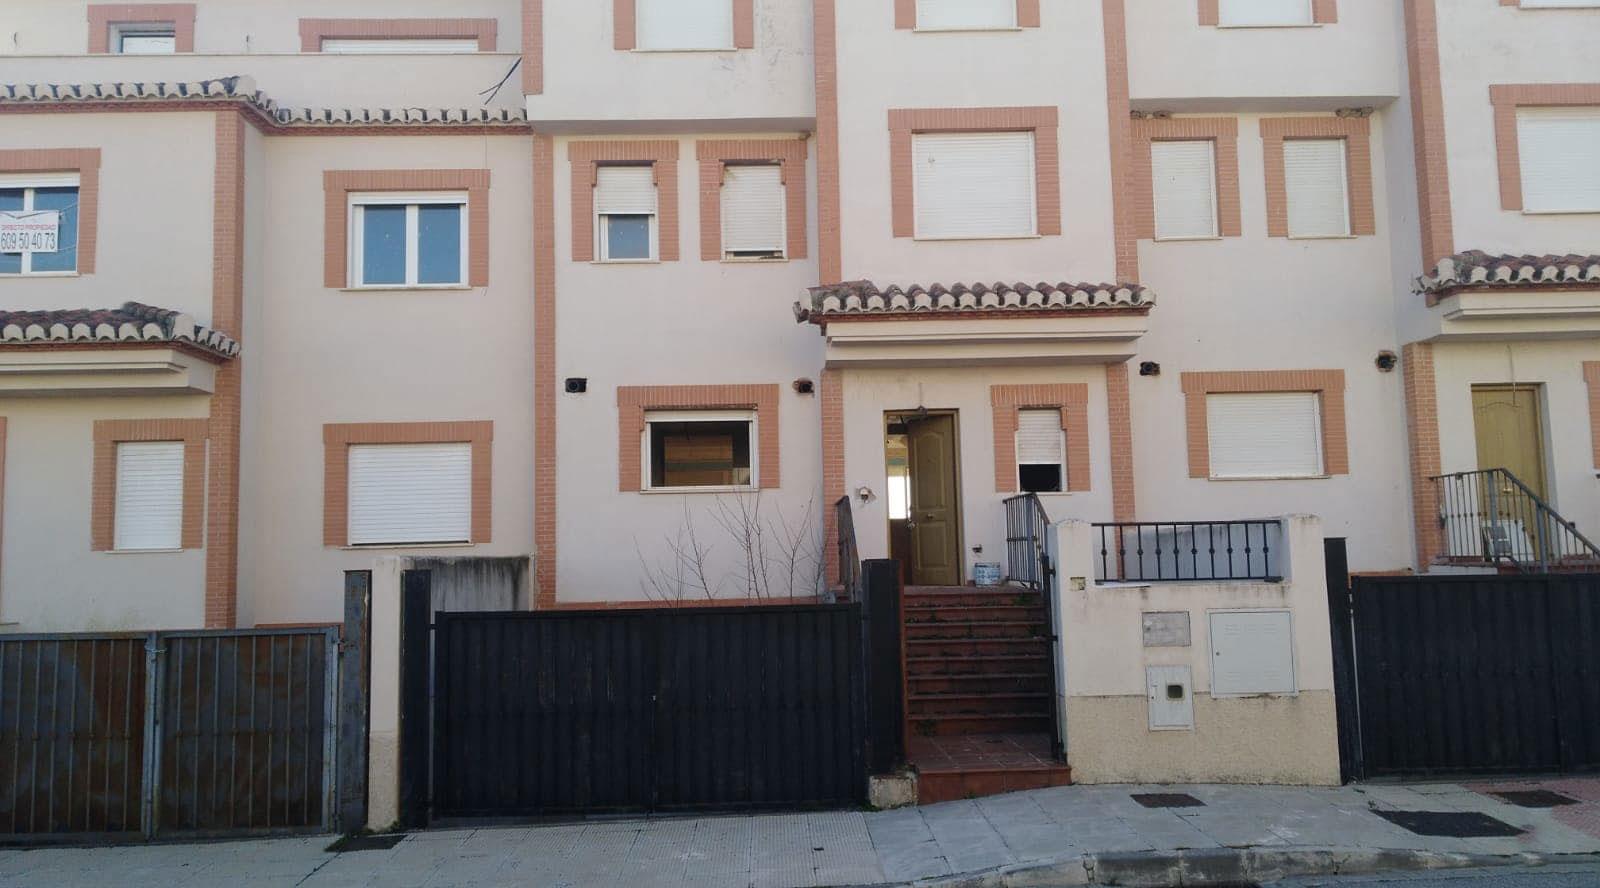 Casa en venta en Urbanización Señorío del Cubillas, Atarfe, Granada, Calle Ernesto Sabato, 360.336 €, 5 habitaciones, 3 baños, 526 m2